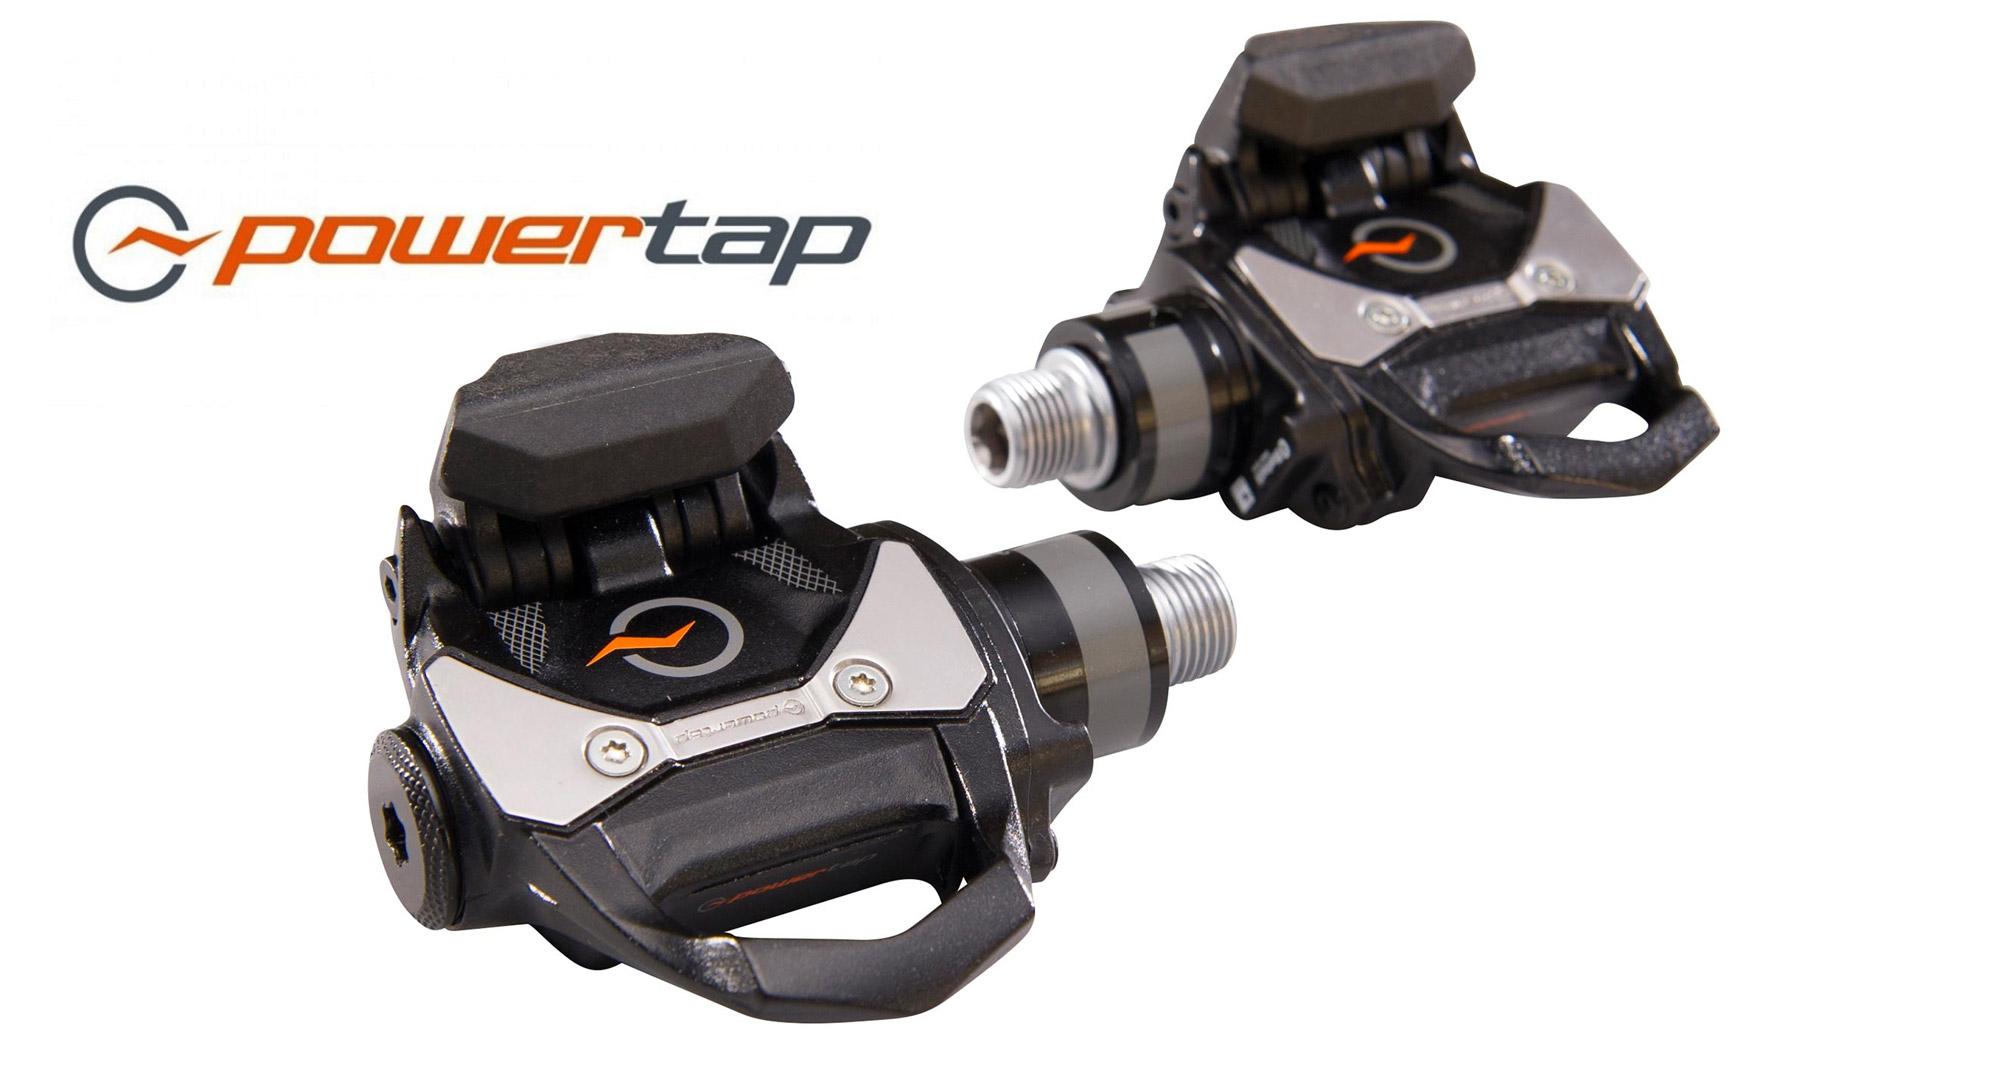 Test: Ervaringen met de PowerTap P1 pedalen na een langere tijd